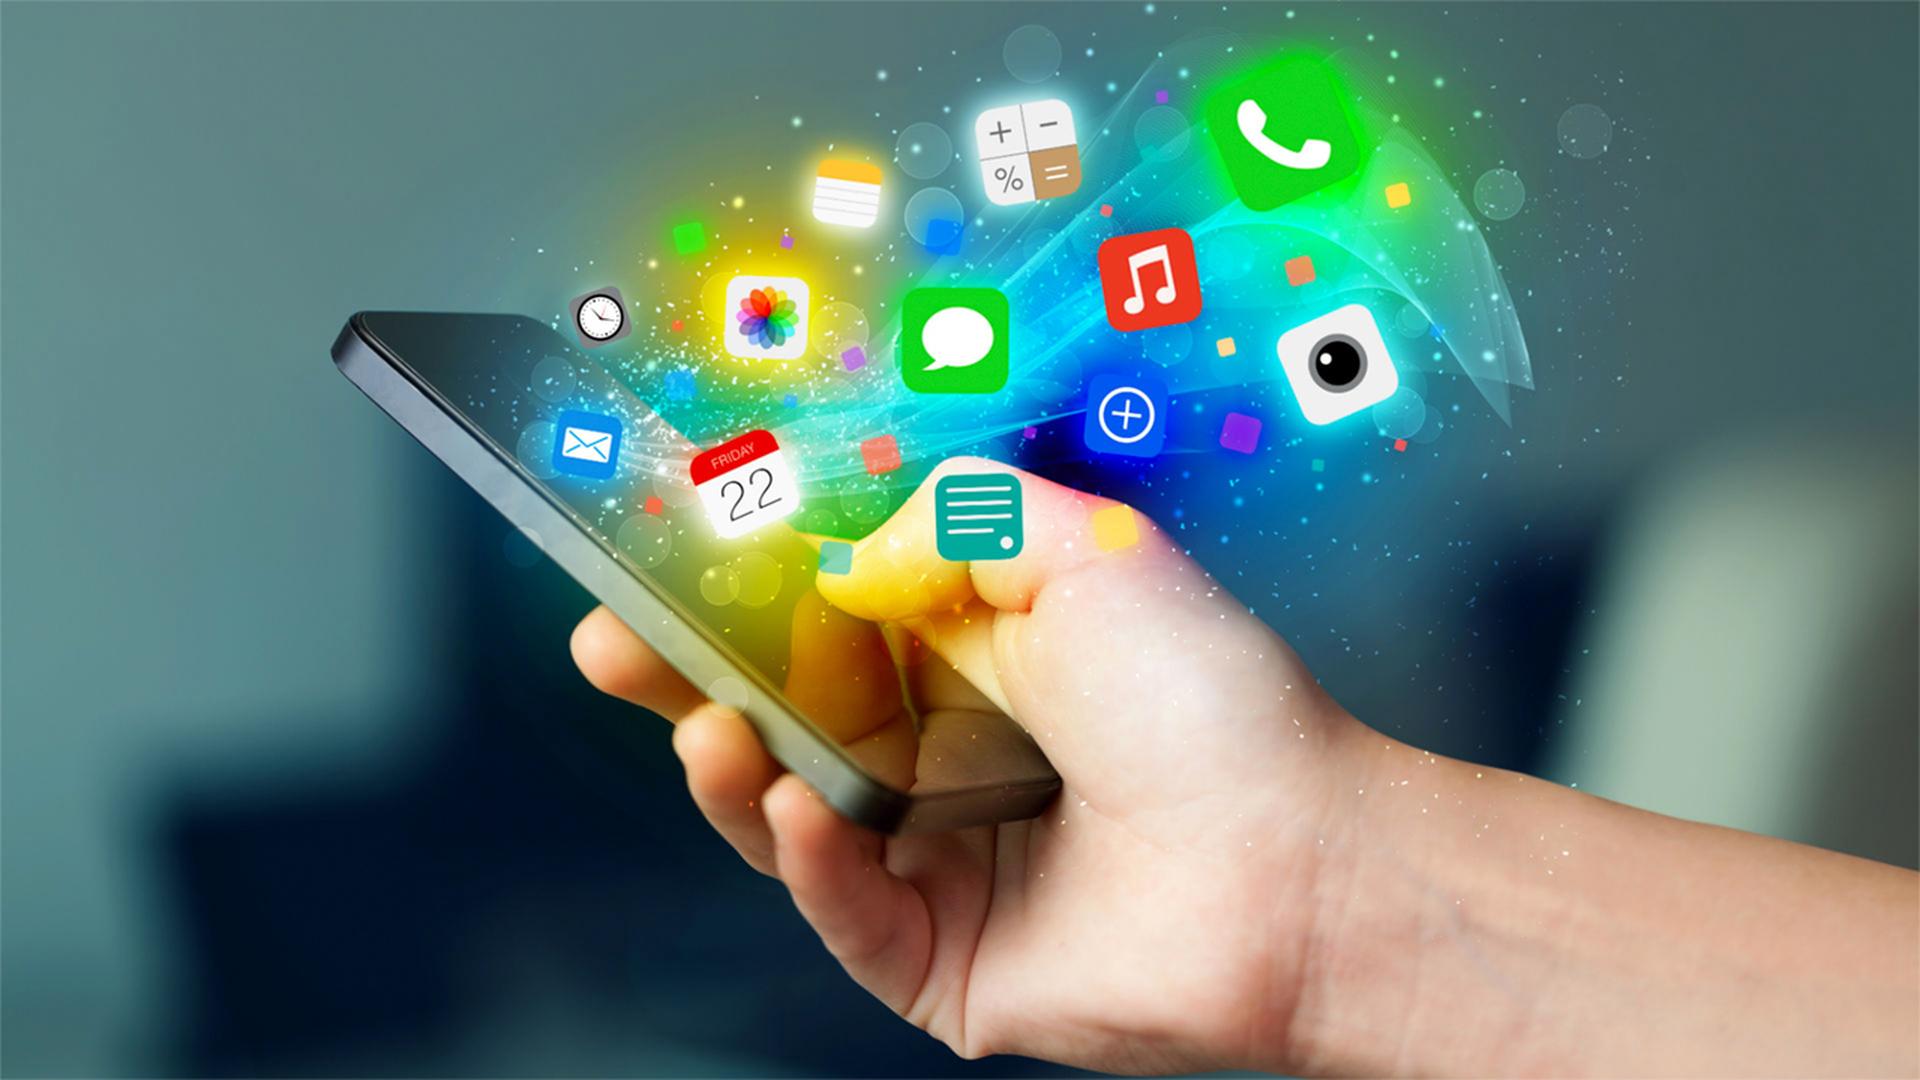 Скачать прикольное приложения в телефоне сетевые программы скачать через торрент